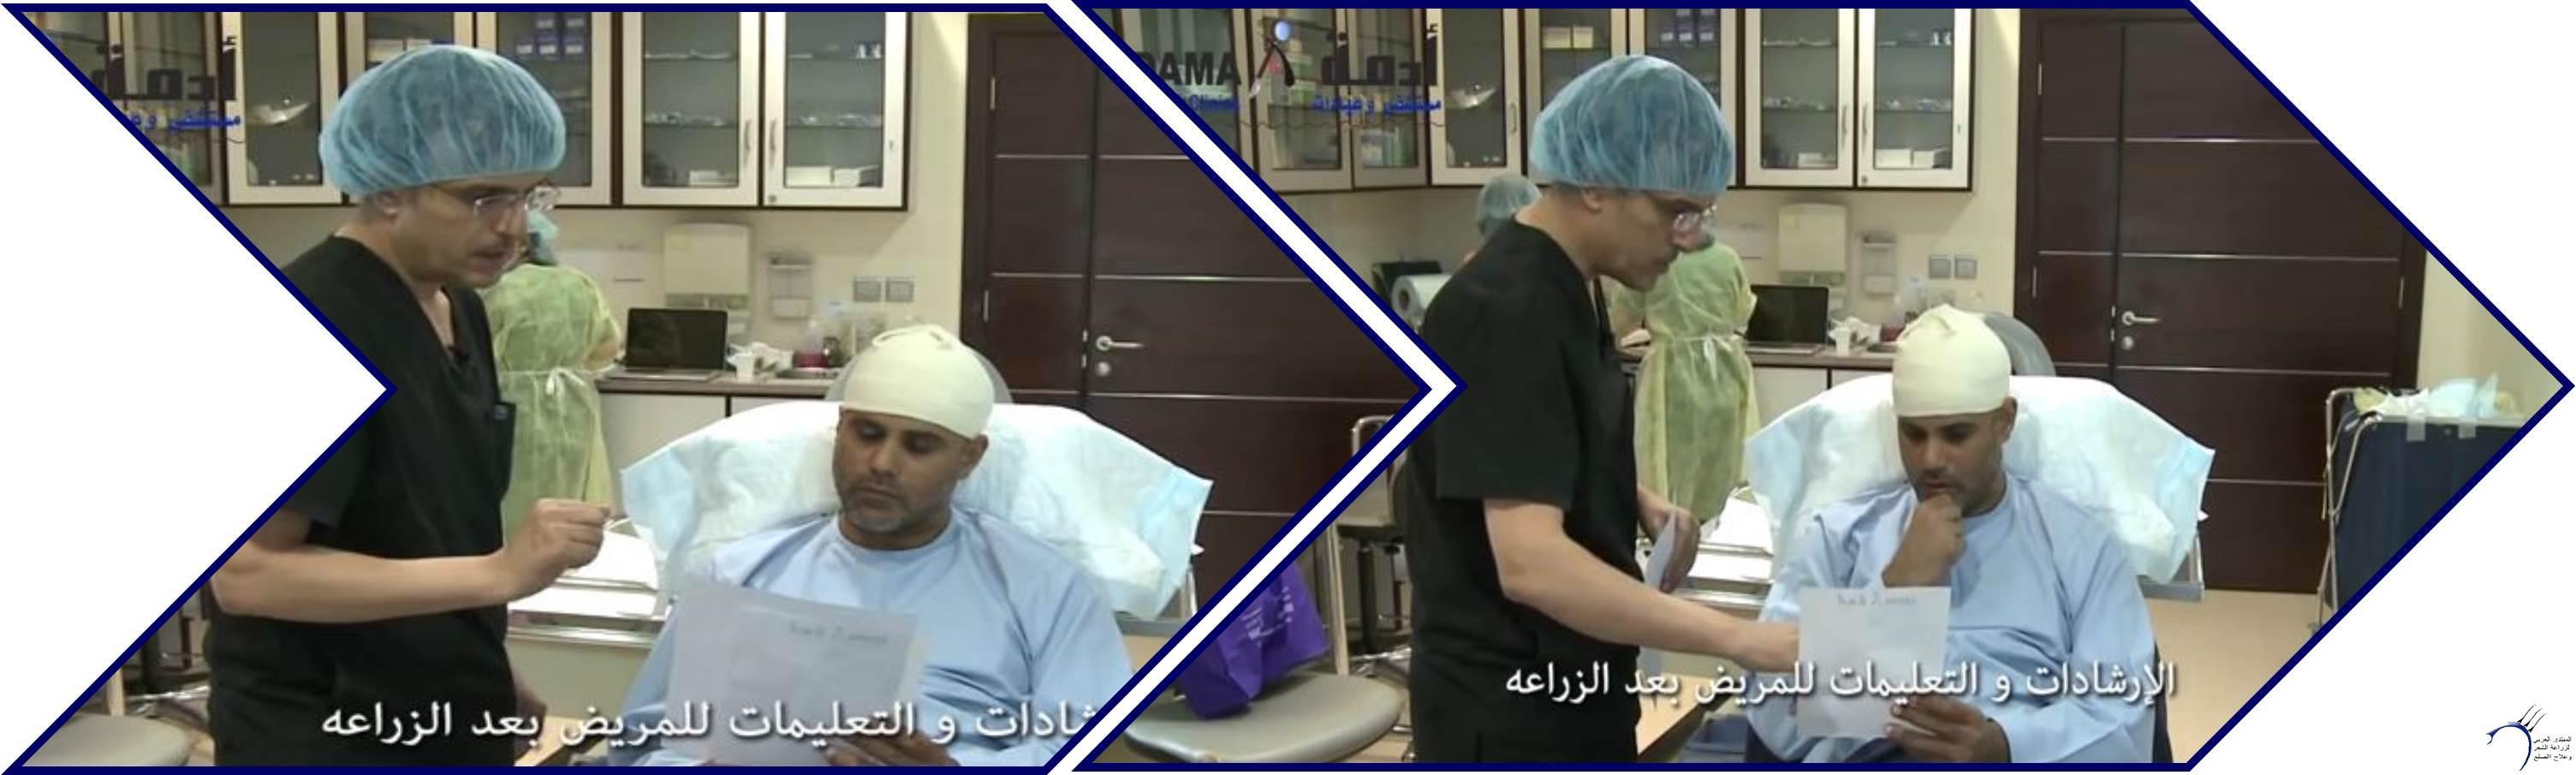 مشاكل الصلع وزراعة الشعر للدكتور www.hairarab.comc455